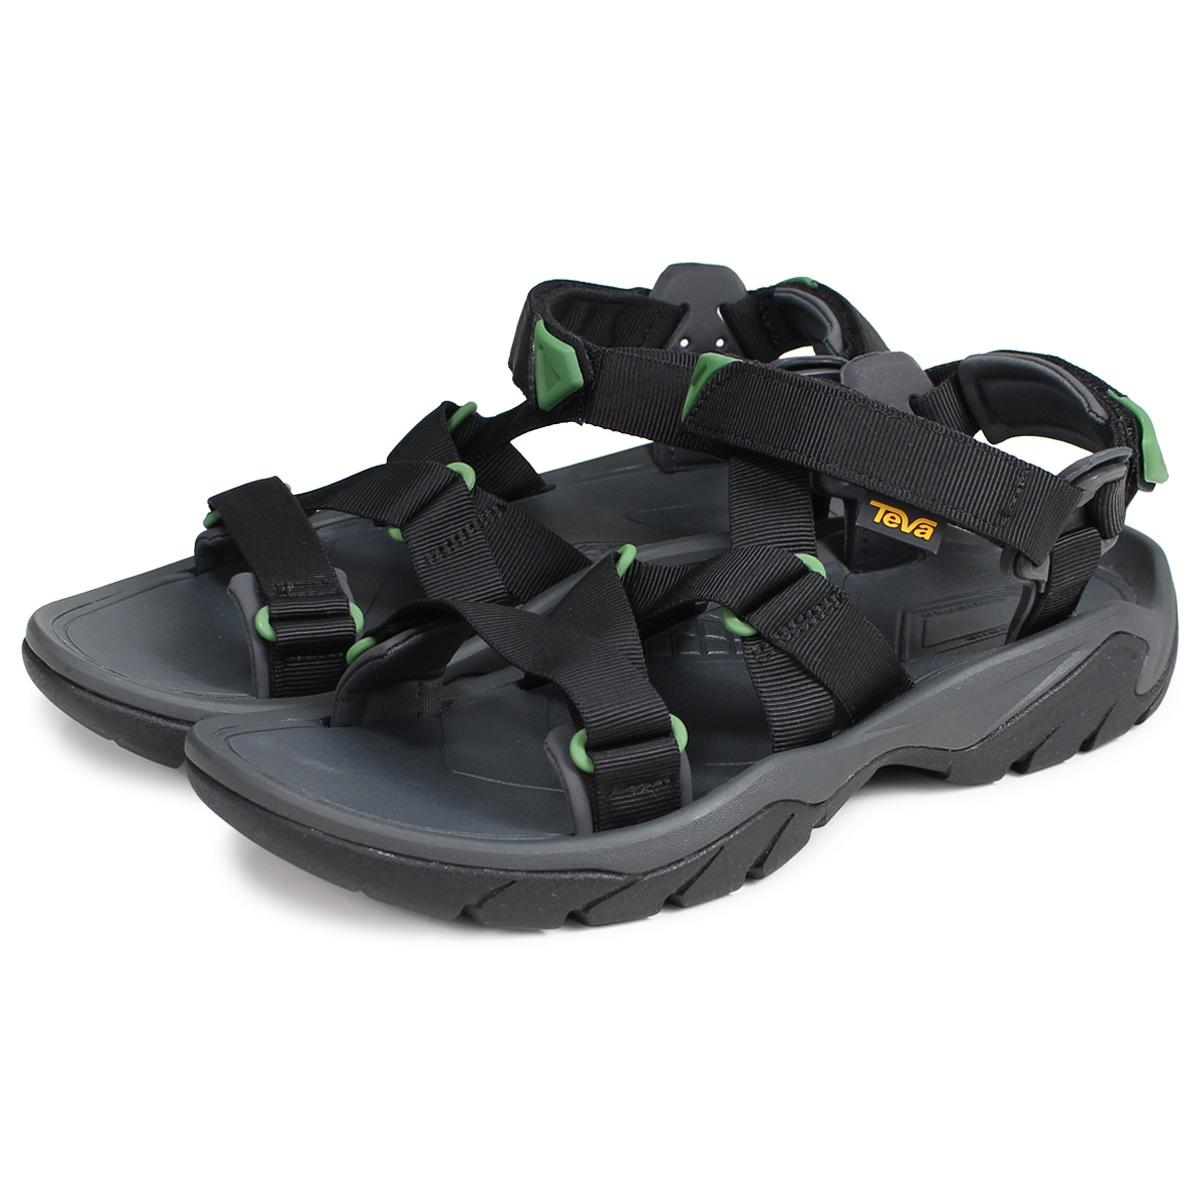 88c5f0ea28 ALLSPORTS: Teva TERRA FI 5 SPORT Teva sandals terra men black gray ...